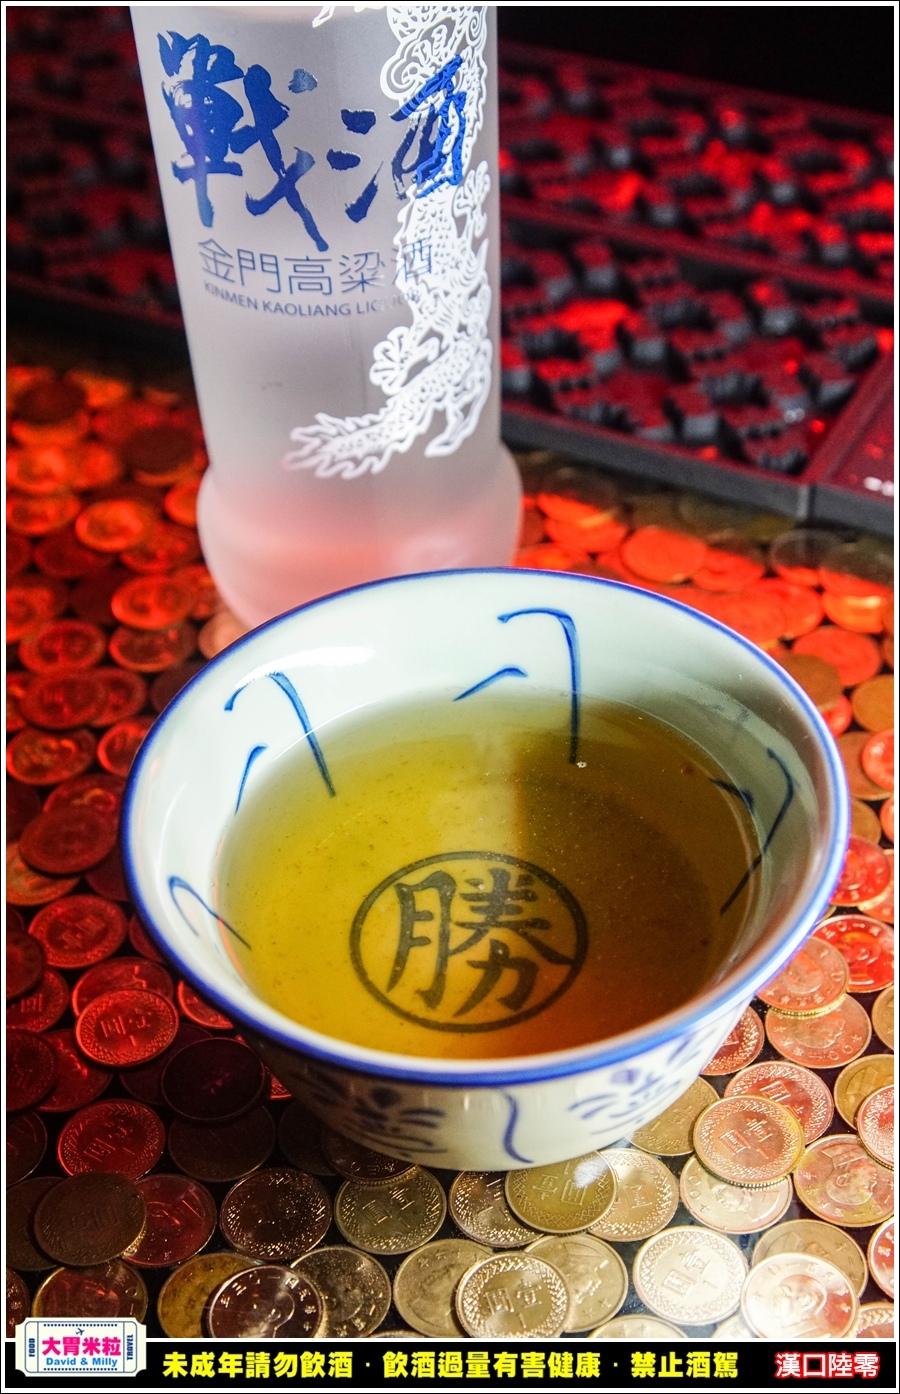 西門町酒吧推薦@HANKO 60 漢口陸零x戰酒金門高粱酒@大胃米粒0031.jpg